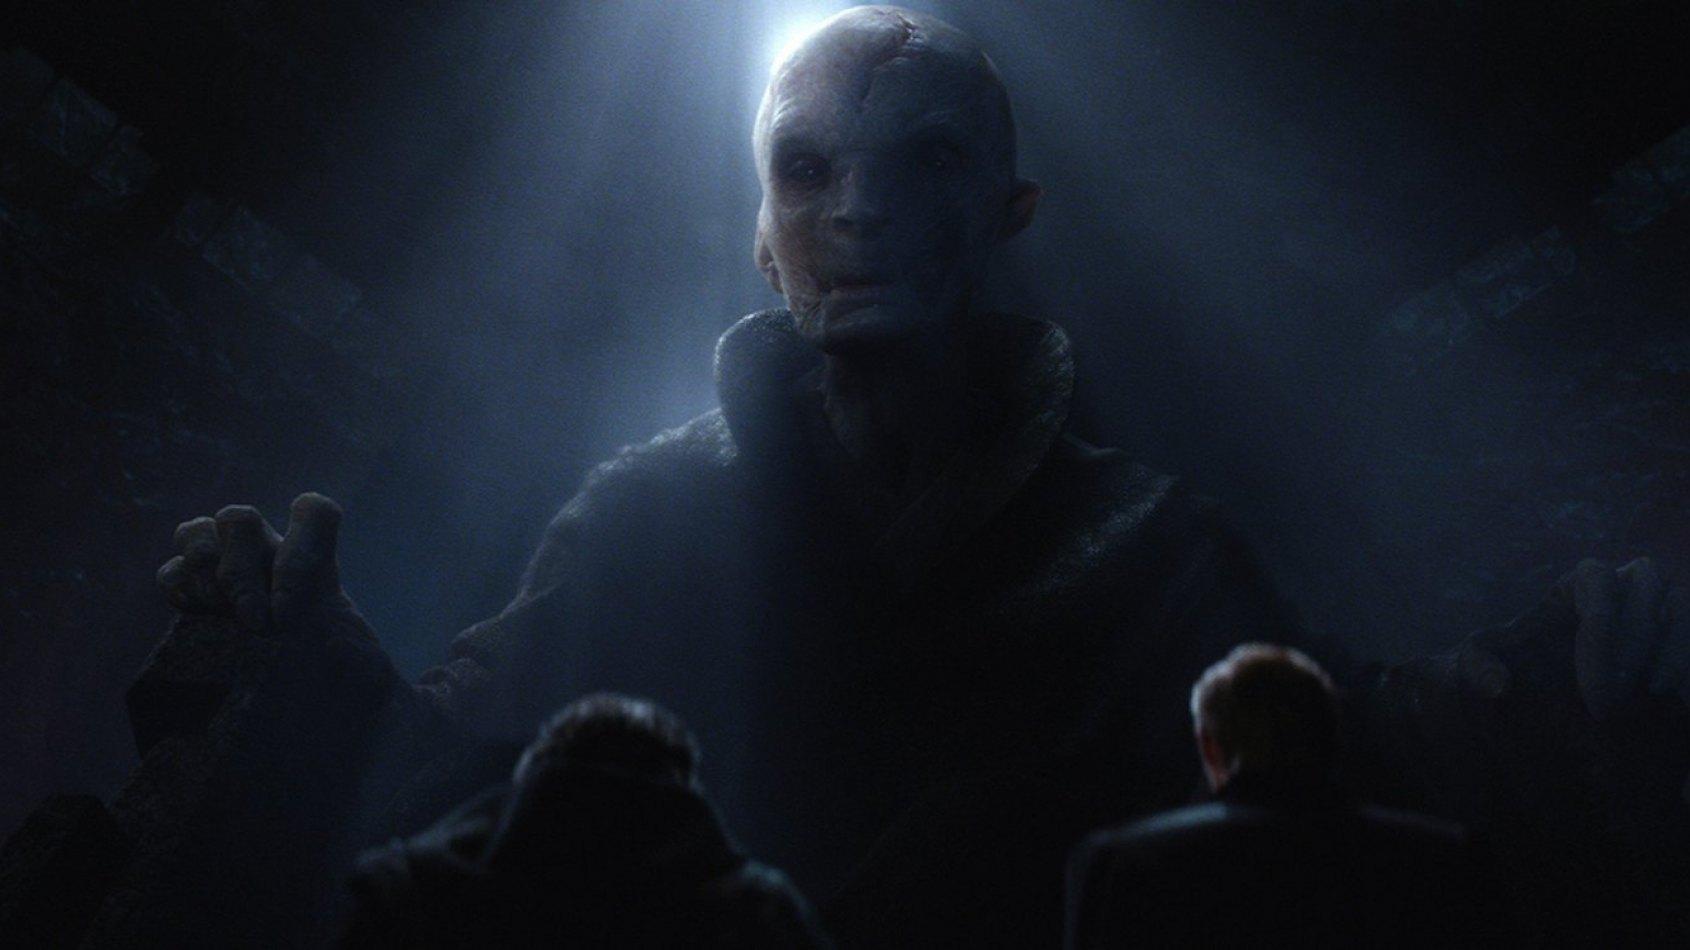 De possibles détails sur Snoke dans l'épisode VIII